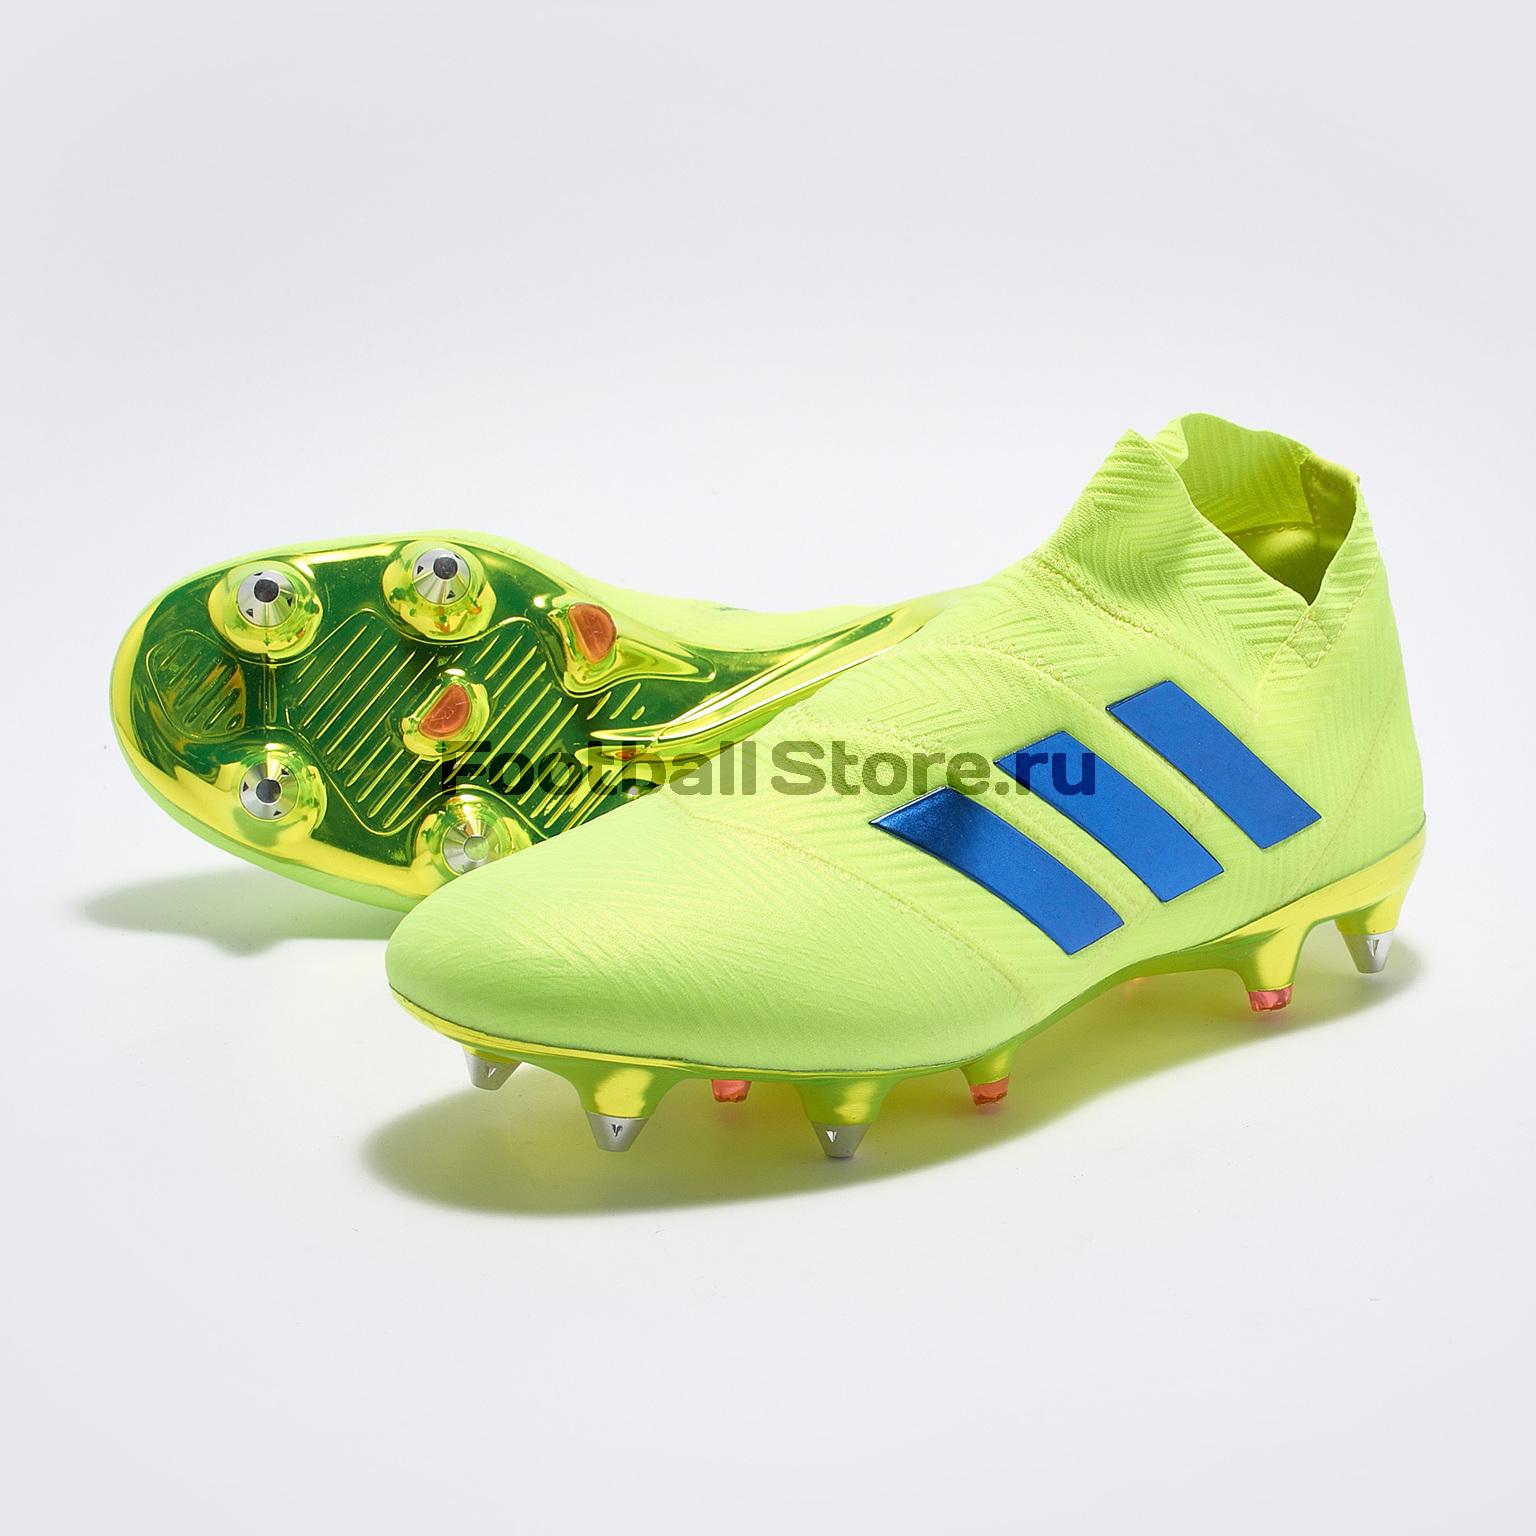 Бутсы Adidas Nemeziz 18+ SG BC0291